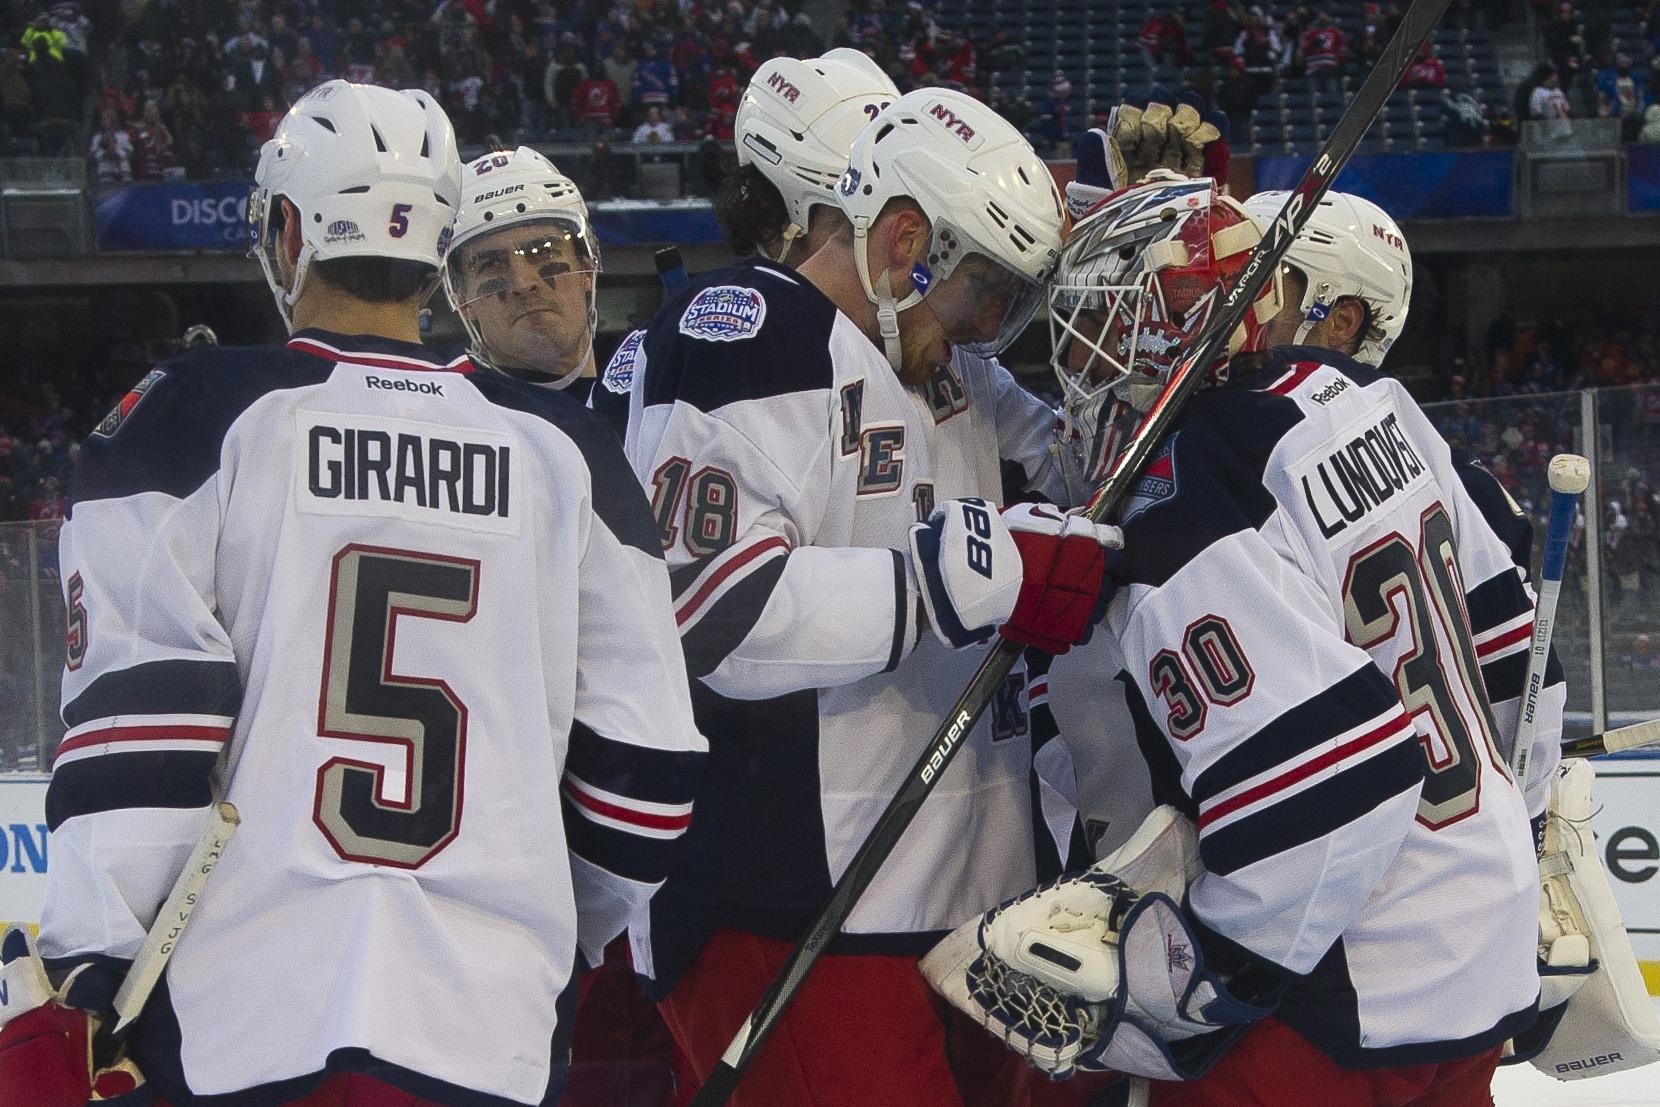 Ottaako Rangers voiton Islandersista (Alloverpress)